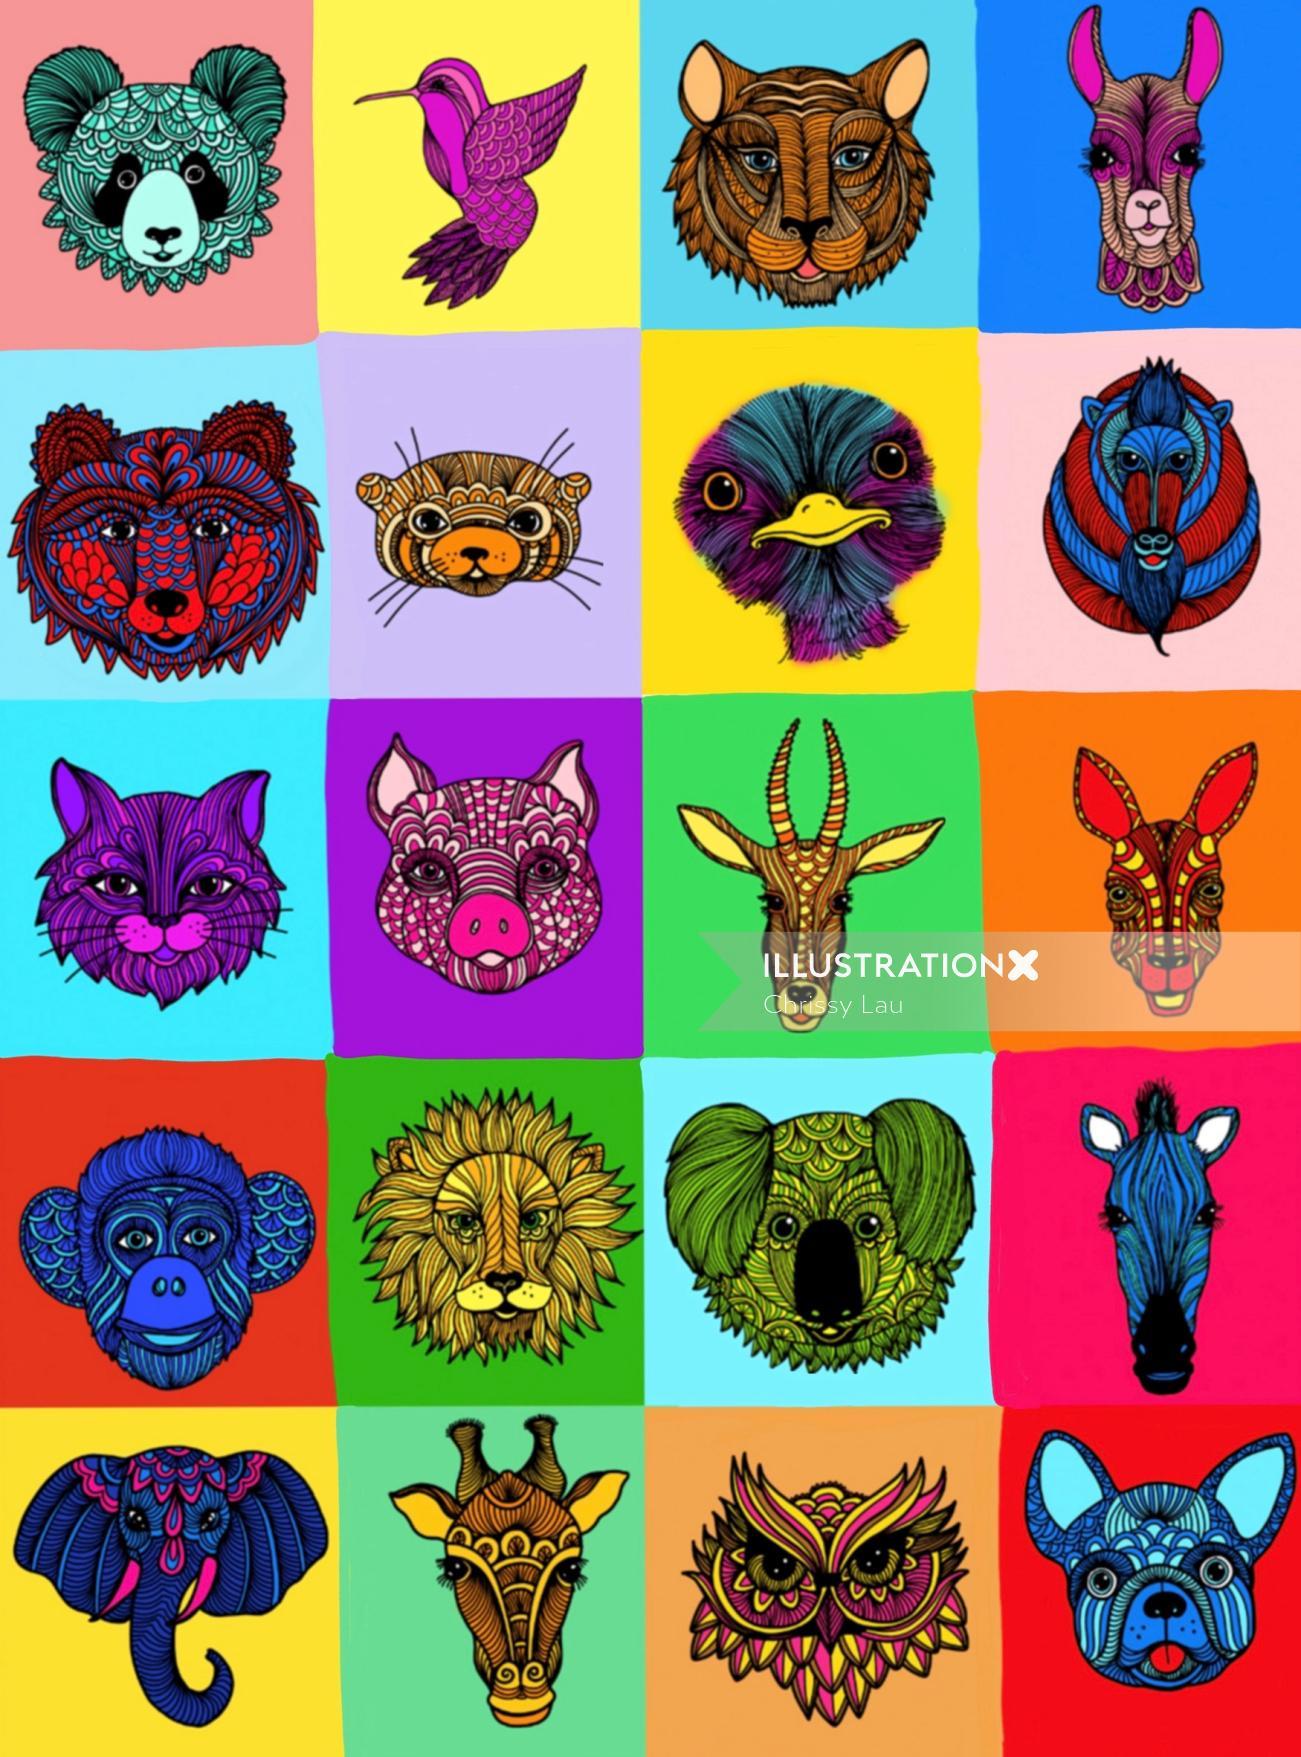 Animal icon design by Chrissy Lau